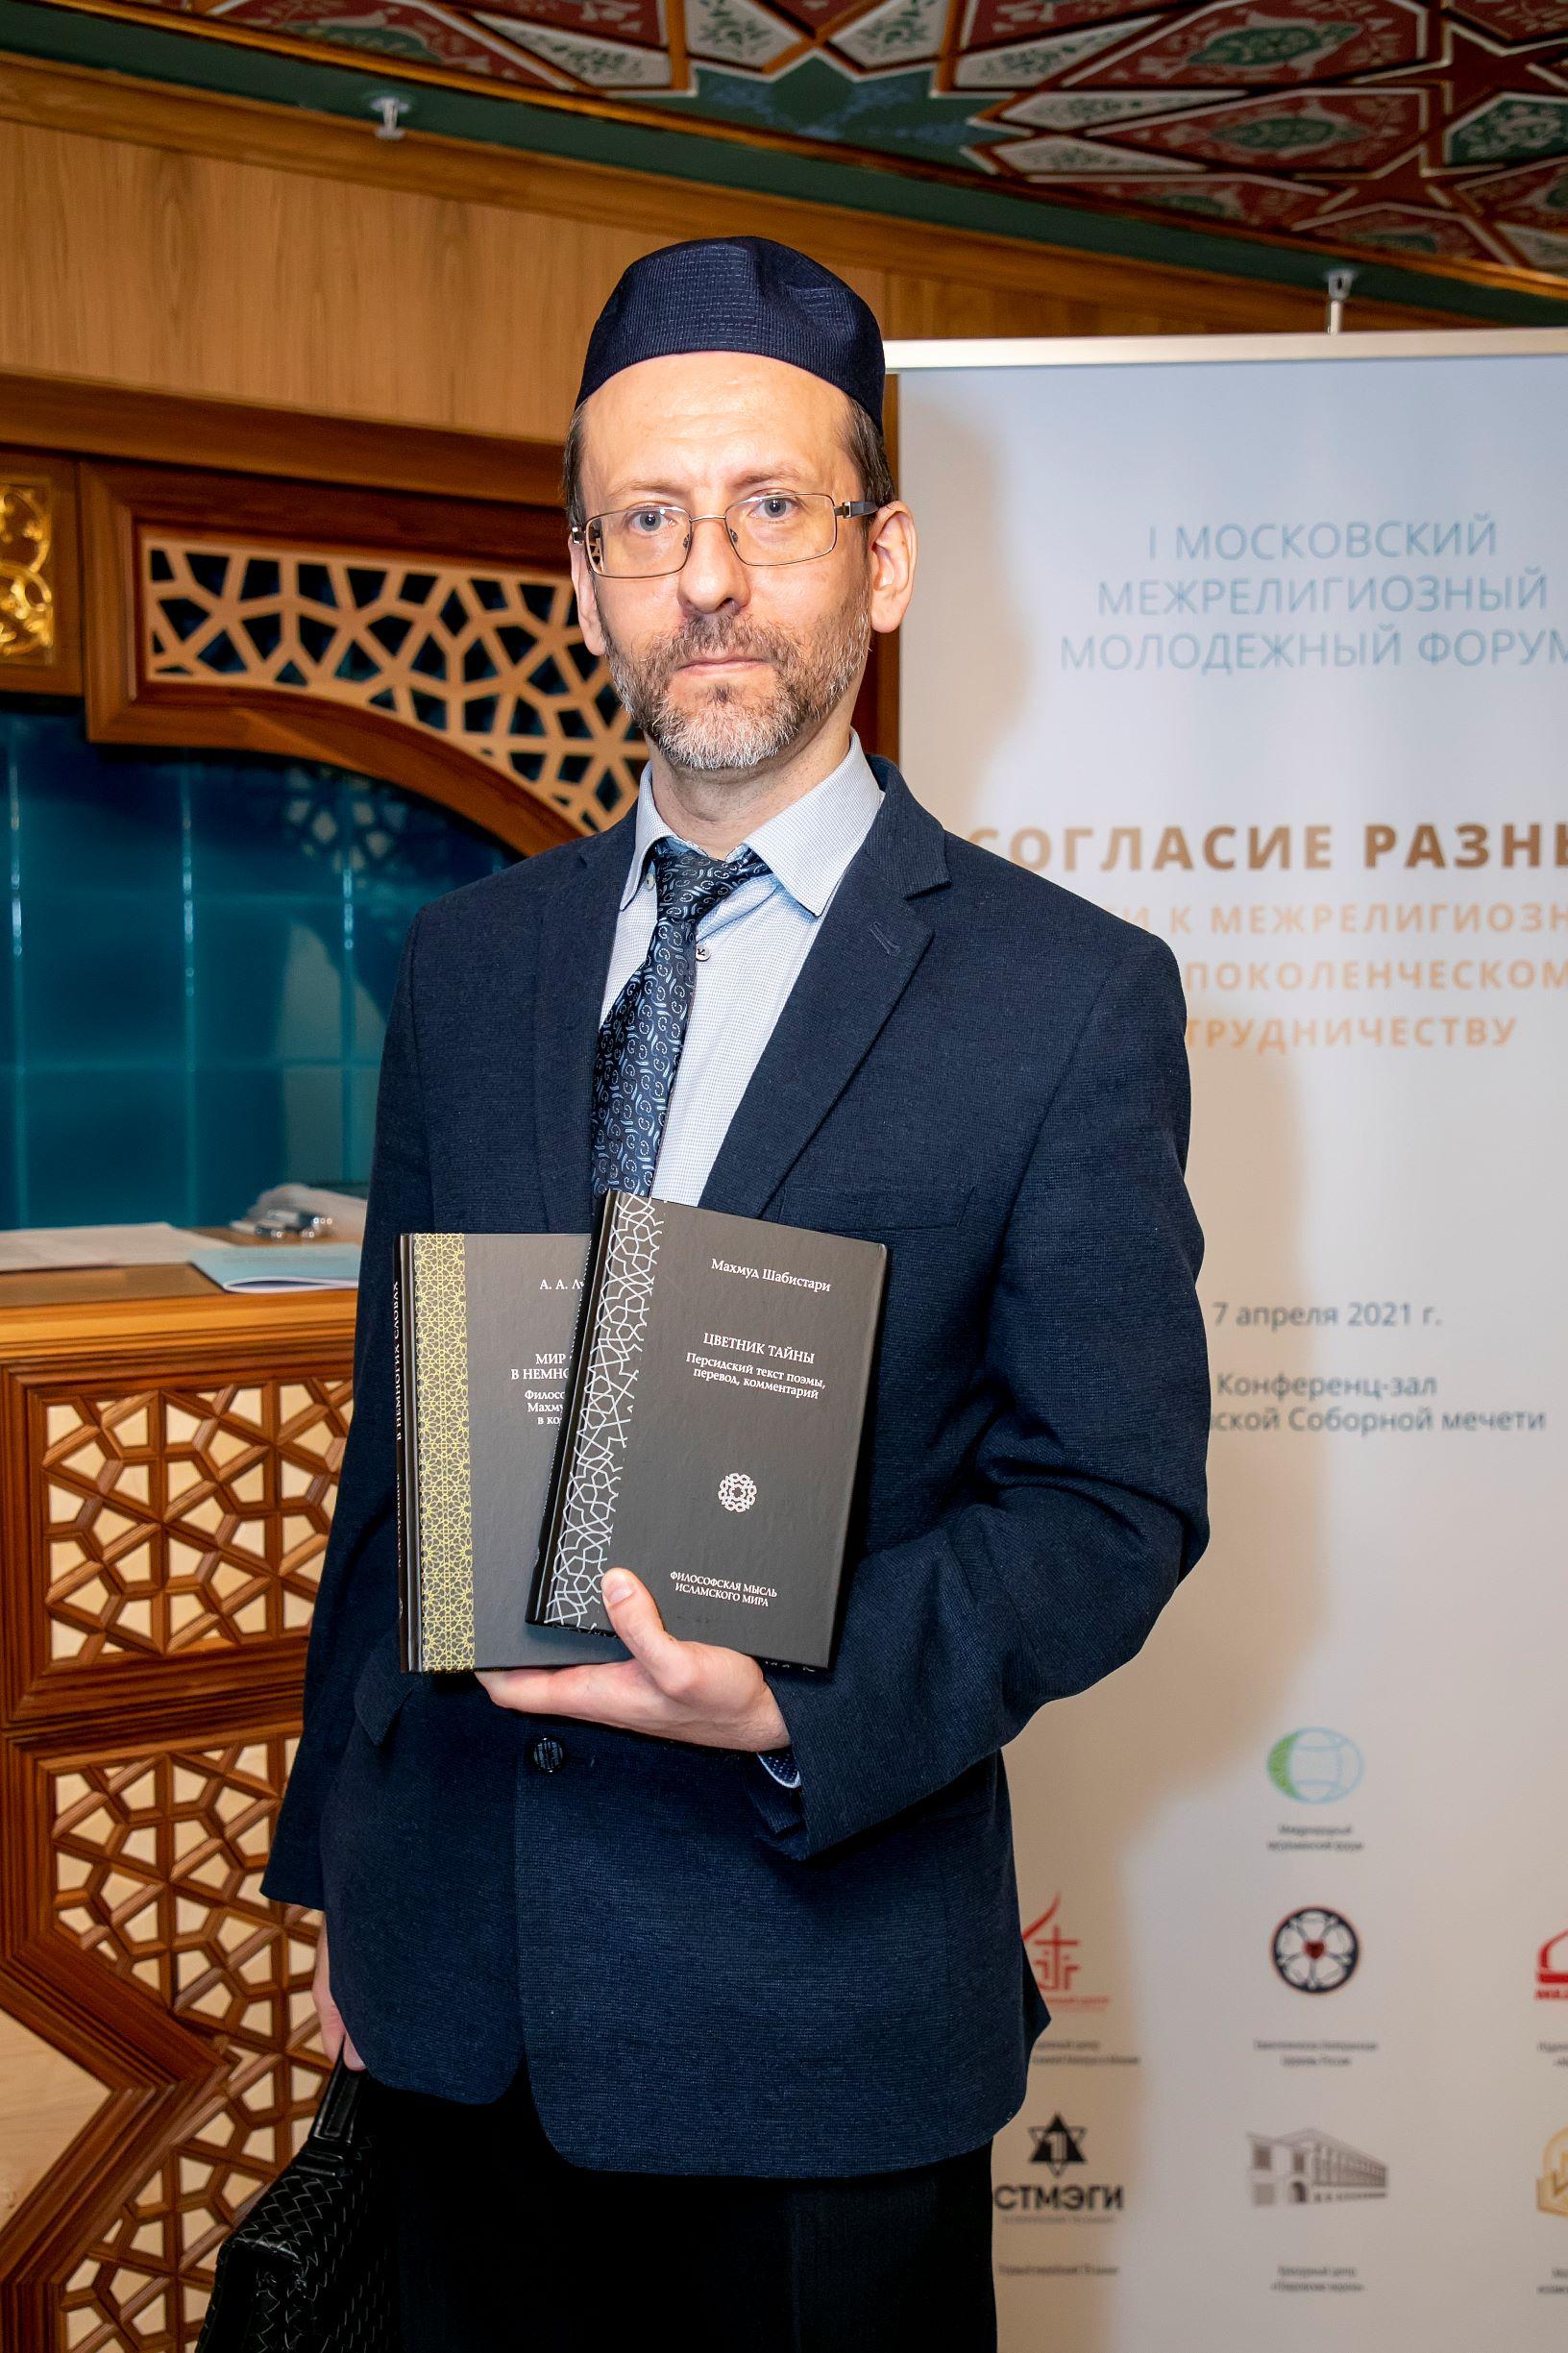 I Московский межрелигиозный молодежный форум прошел в мечети